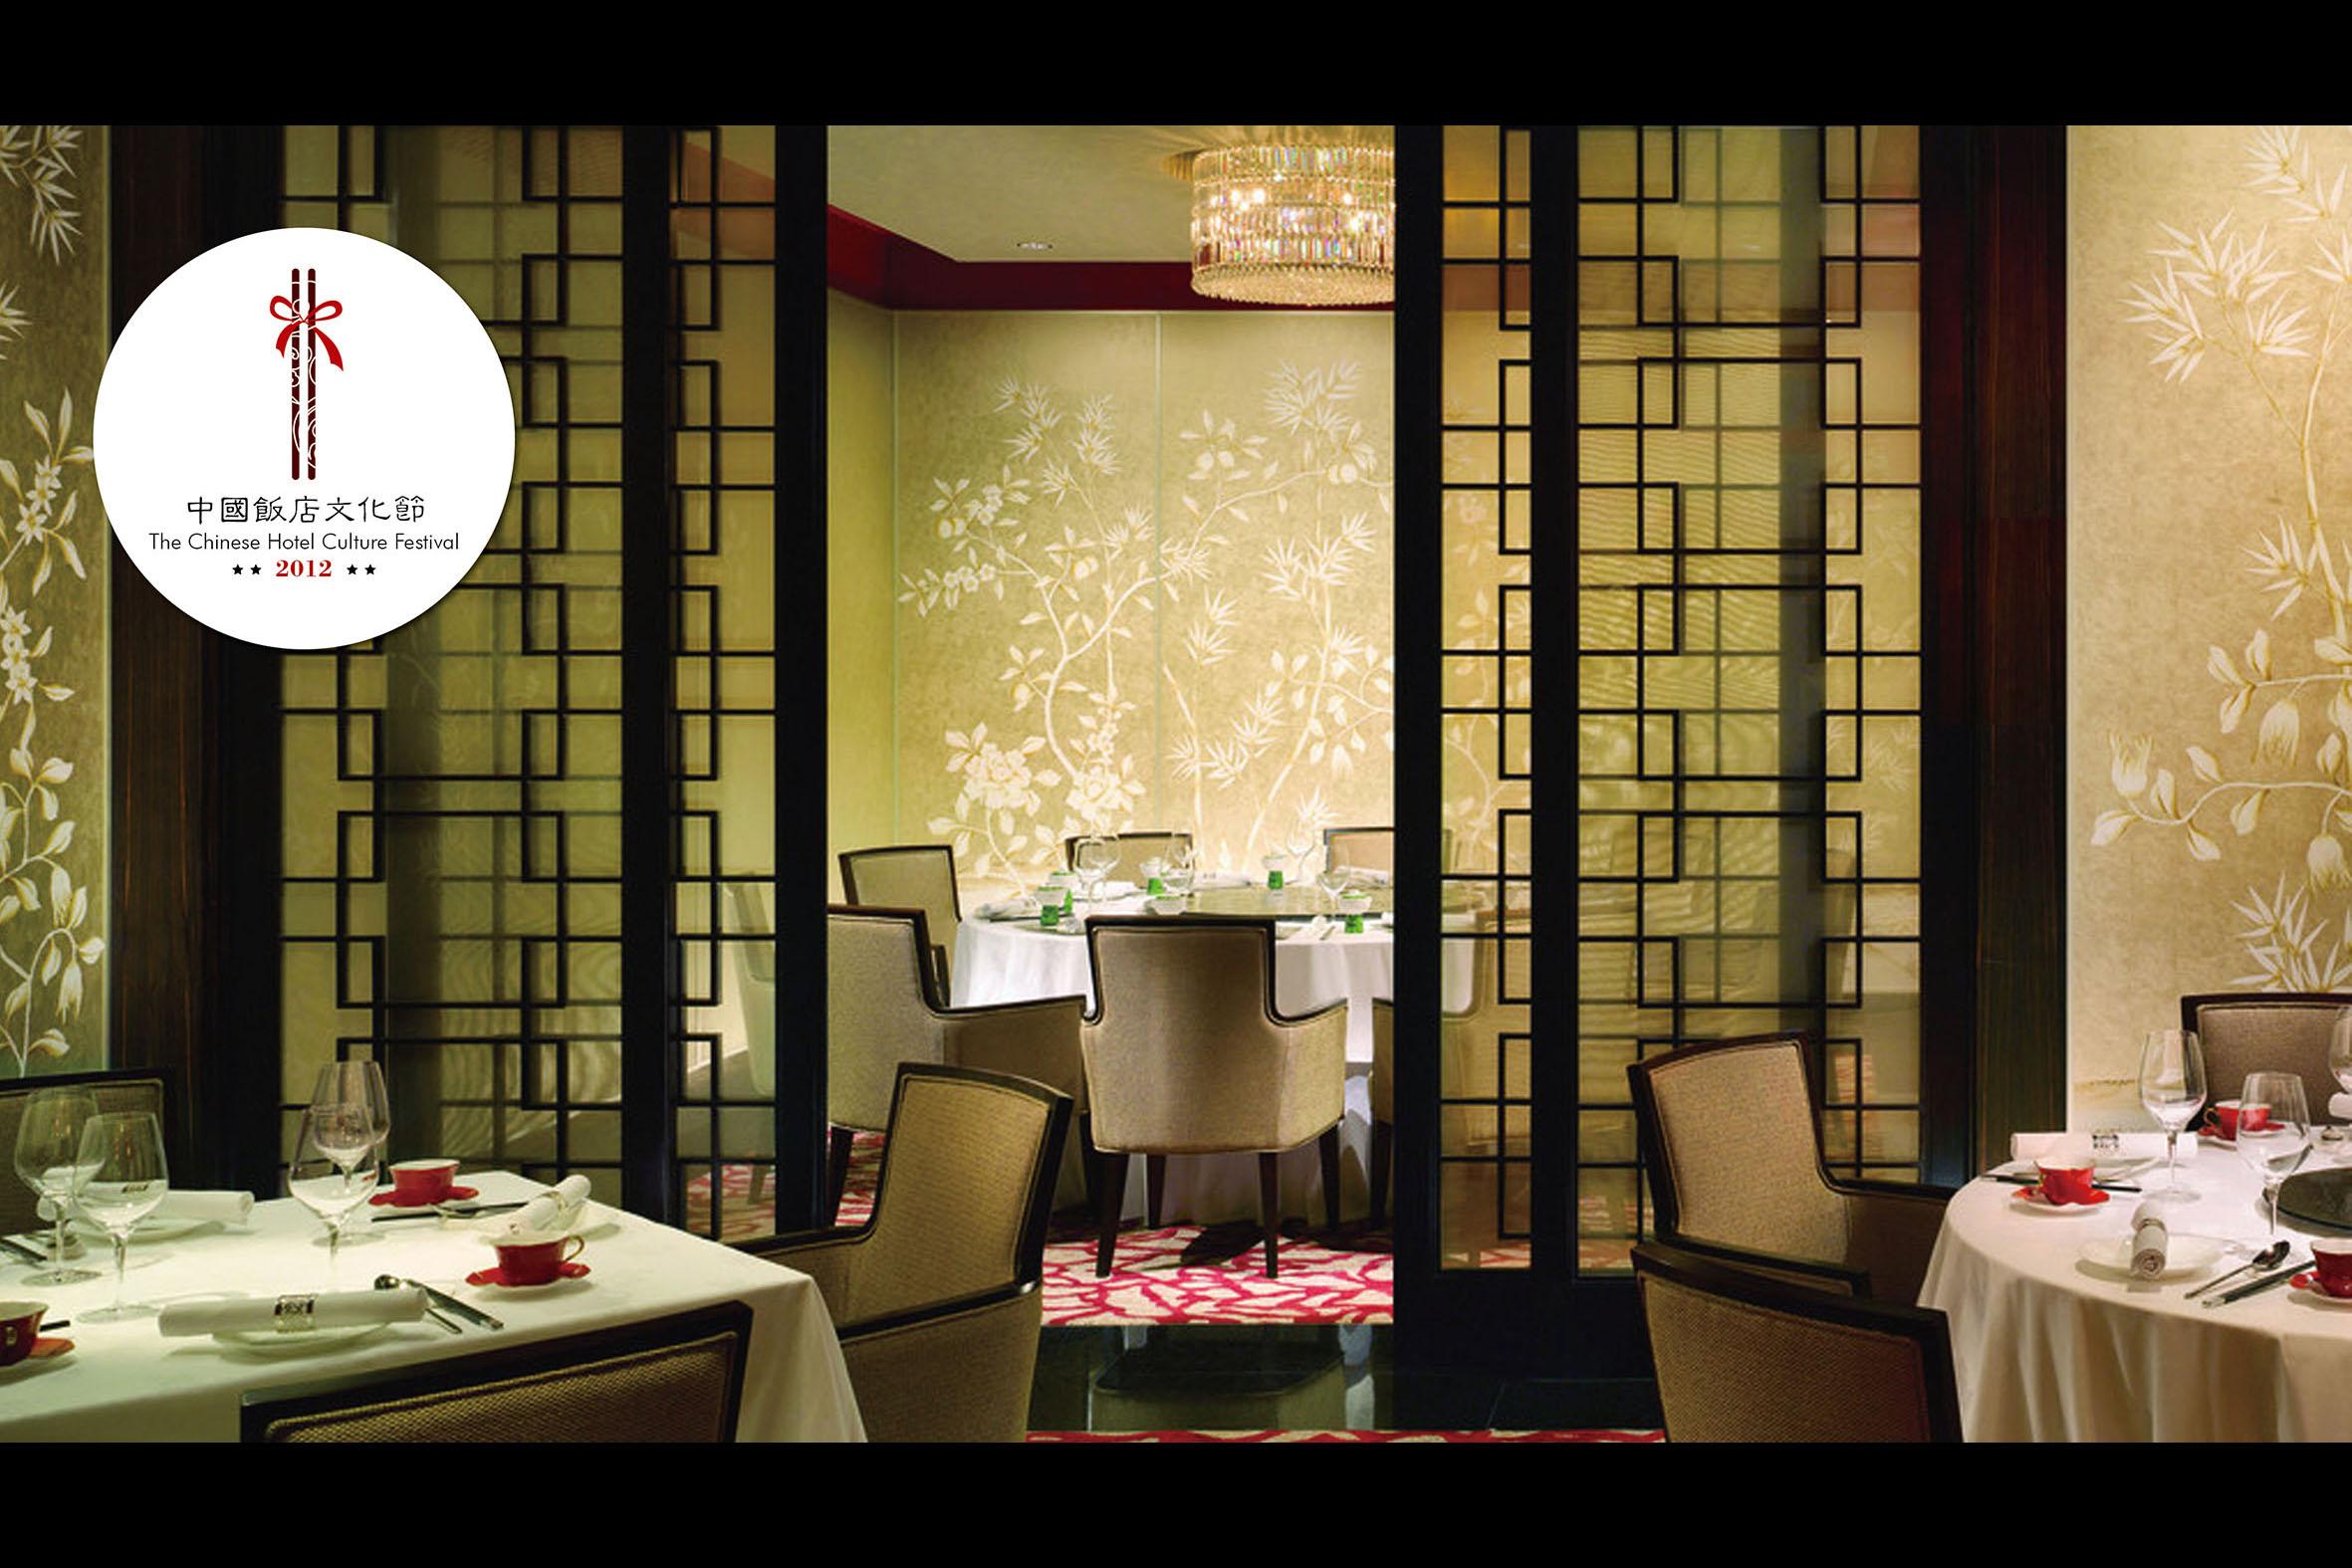 中国饭店文化节